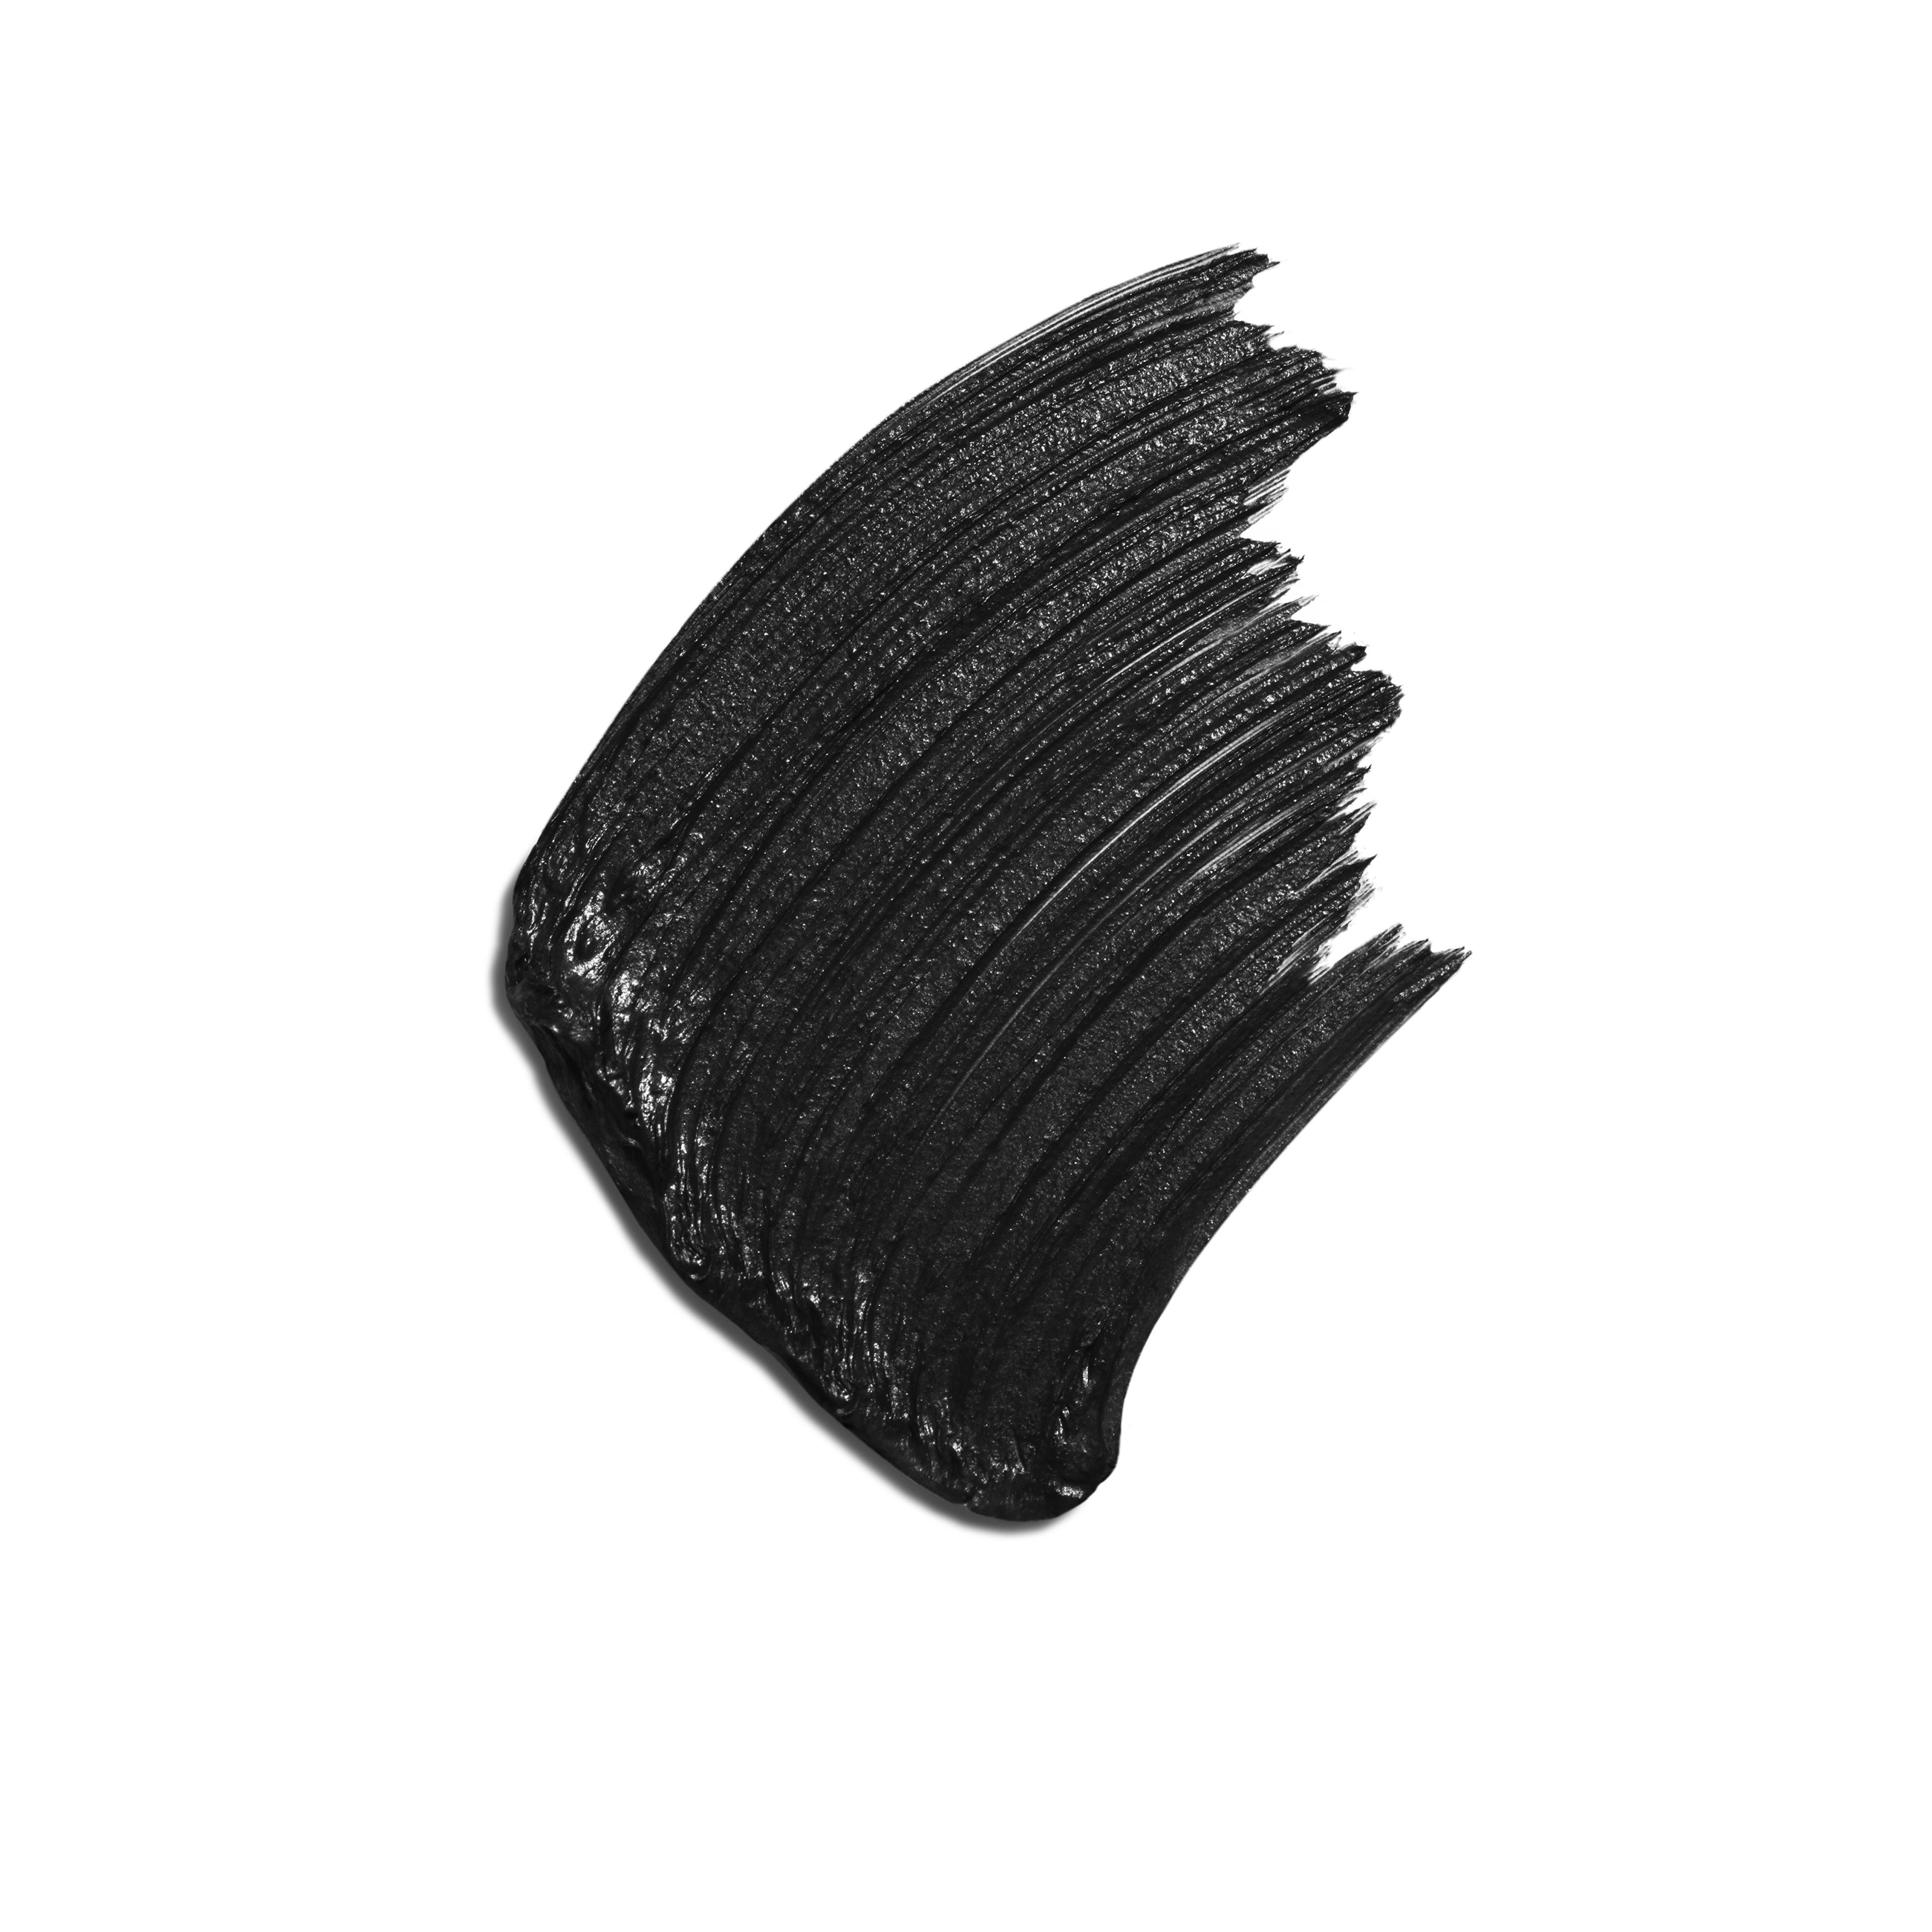 LE VOLUME ULTRA-NOIR DE CHANEL - makeup - 0.21OZ. - Basic texture view